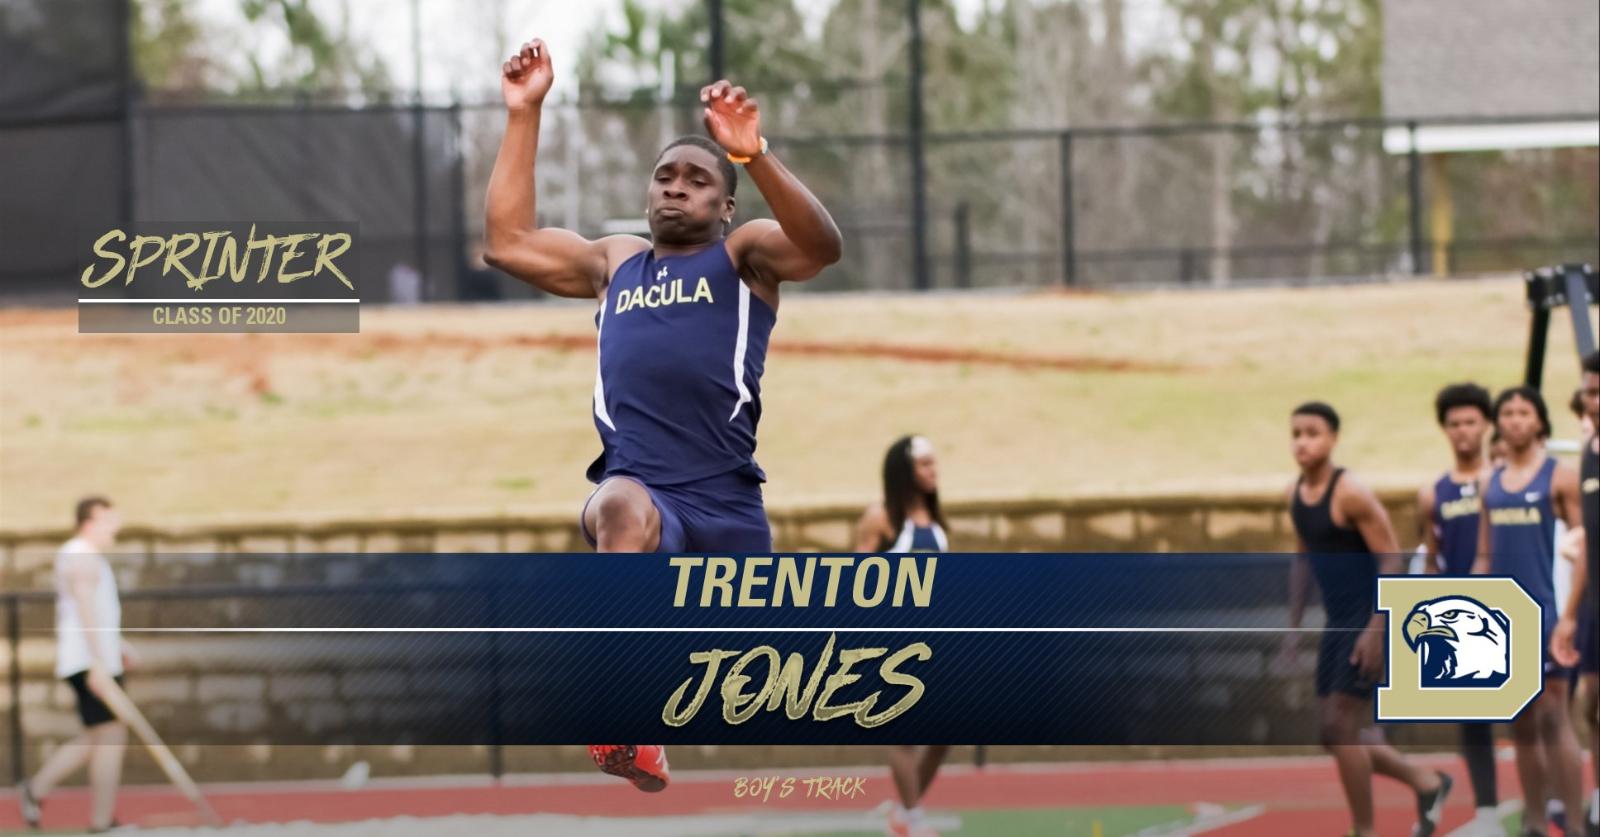 Trenton Jones- Track and Field